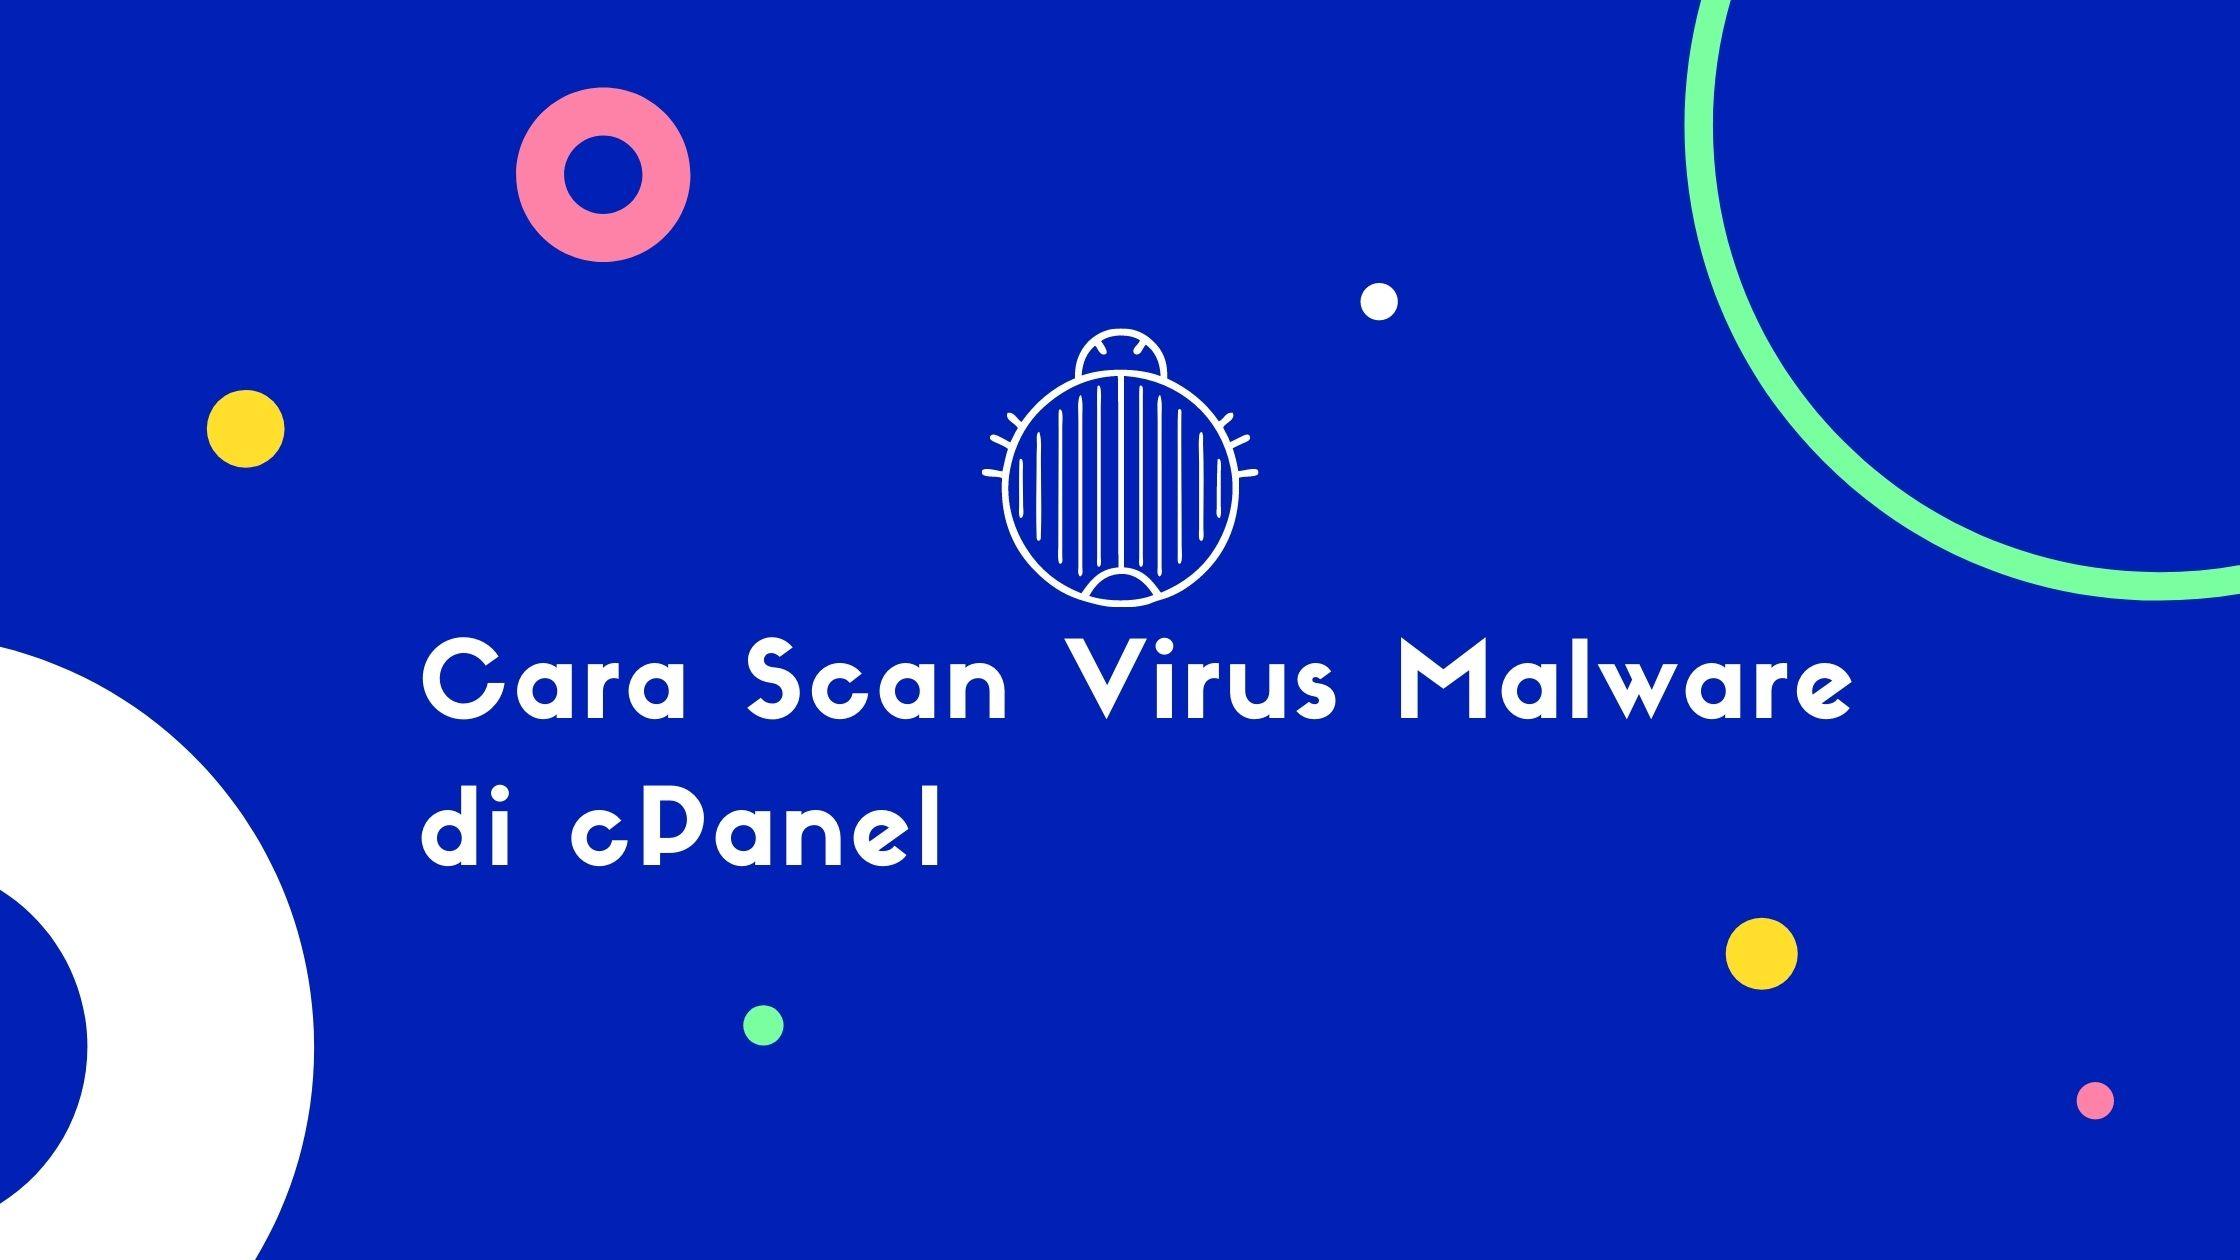 Bagaimana Cara Scan Virus Malware di Akun cPanel?